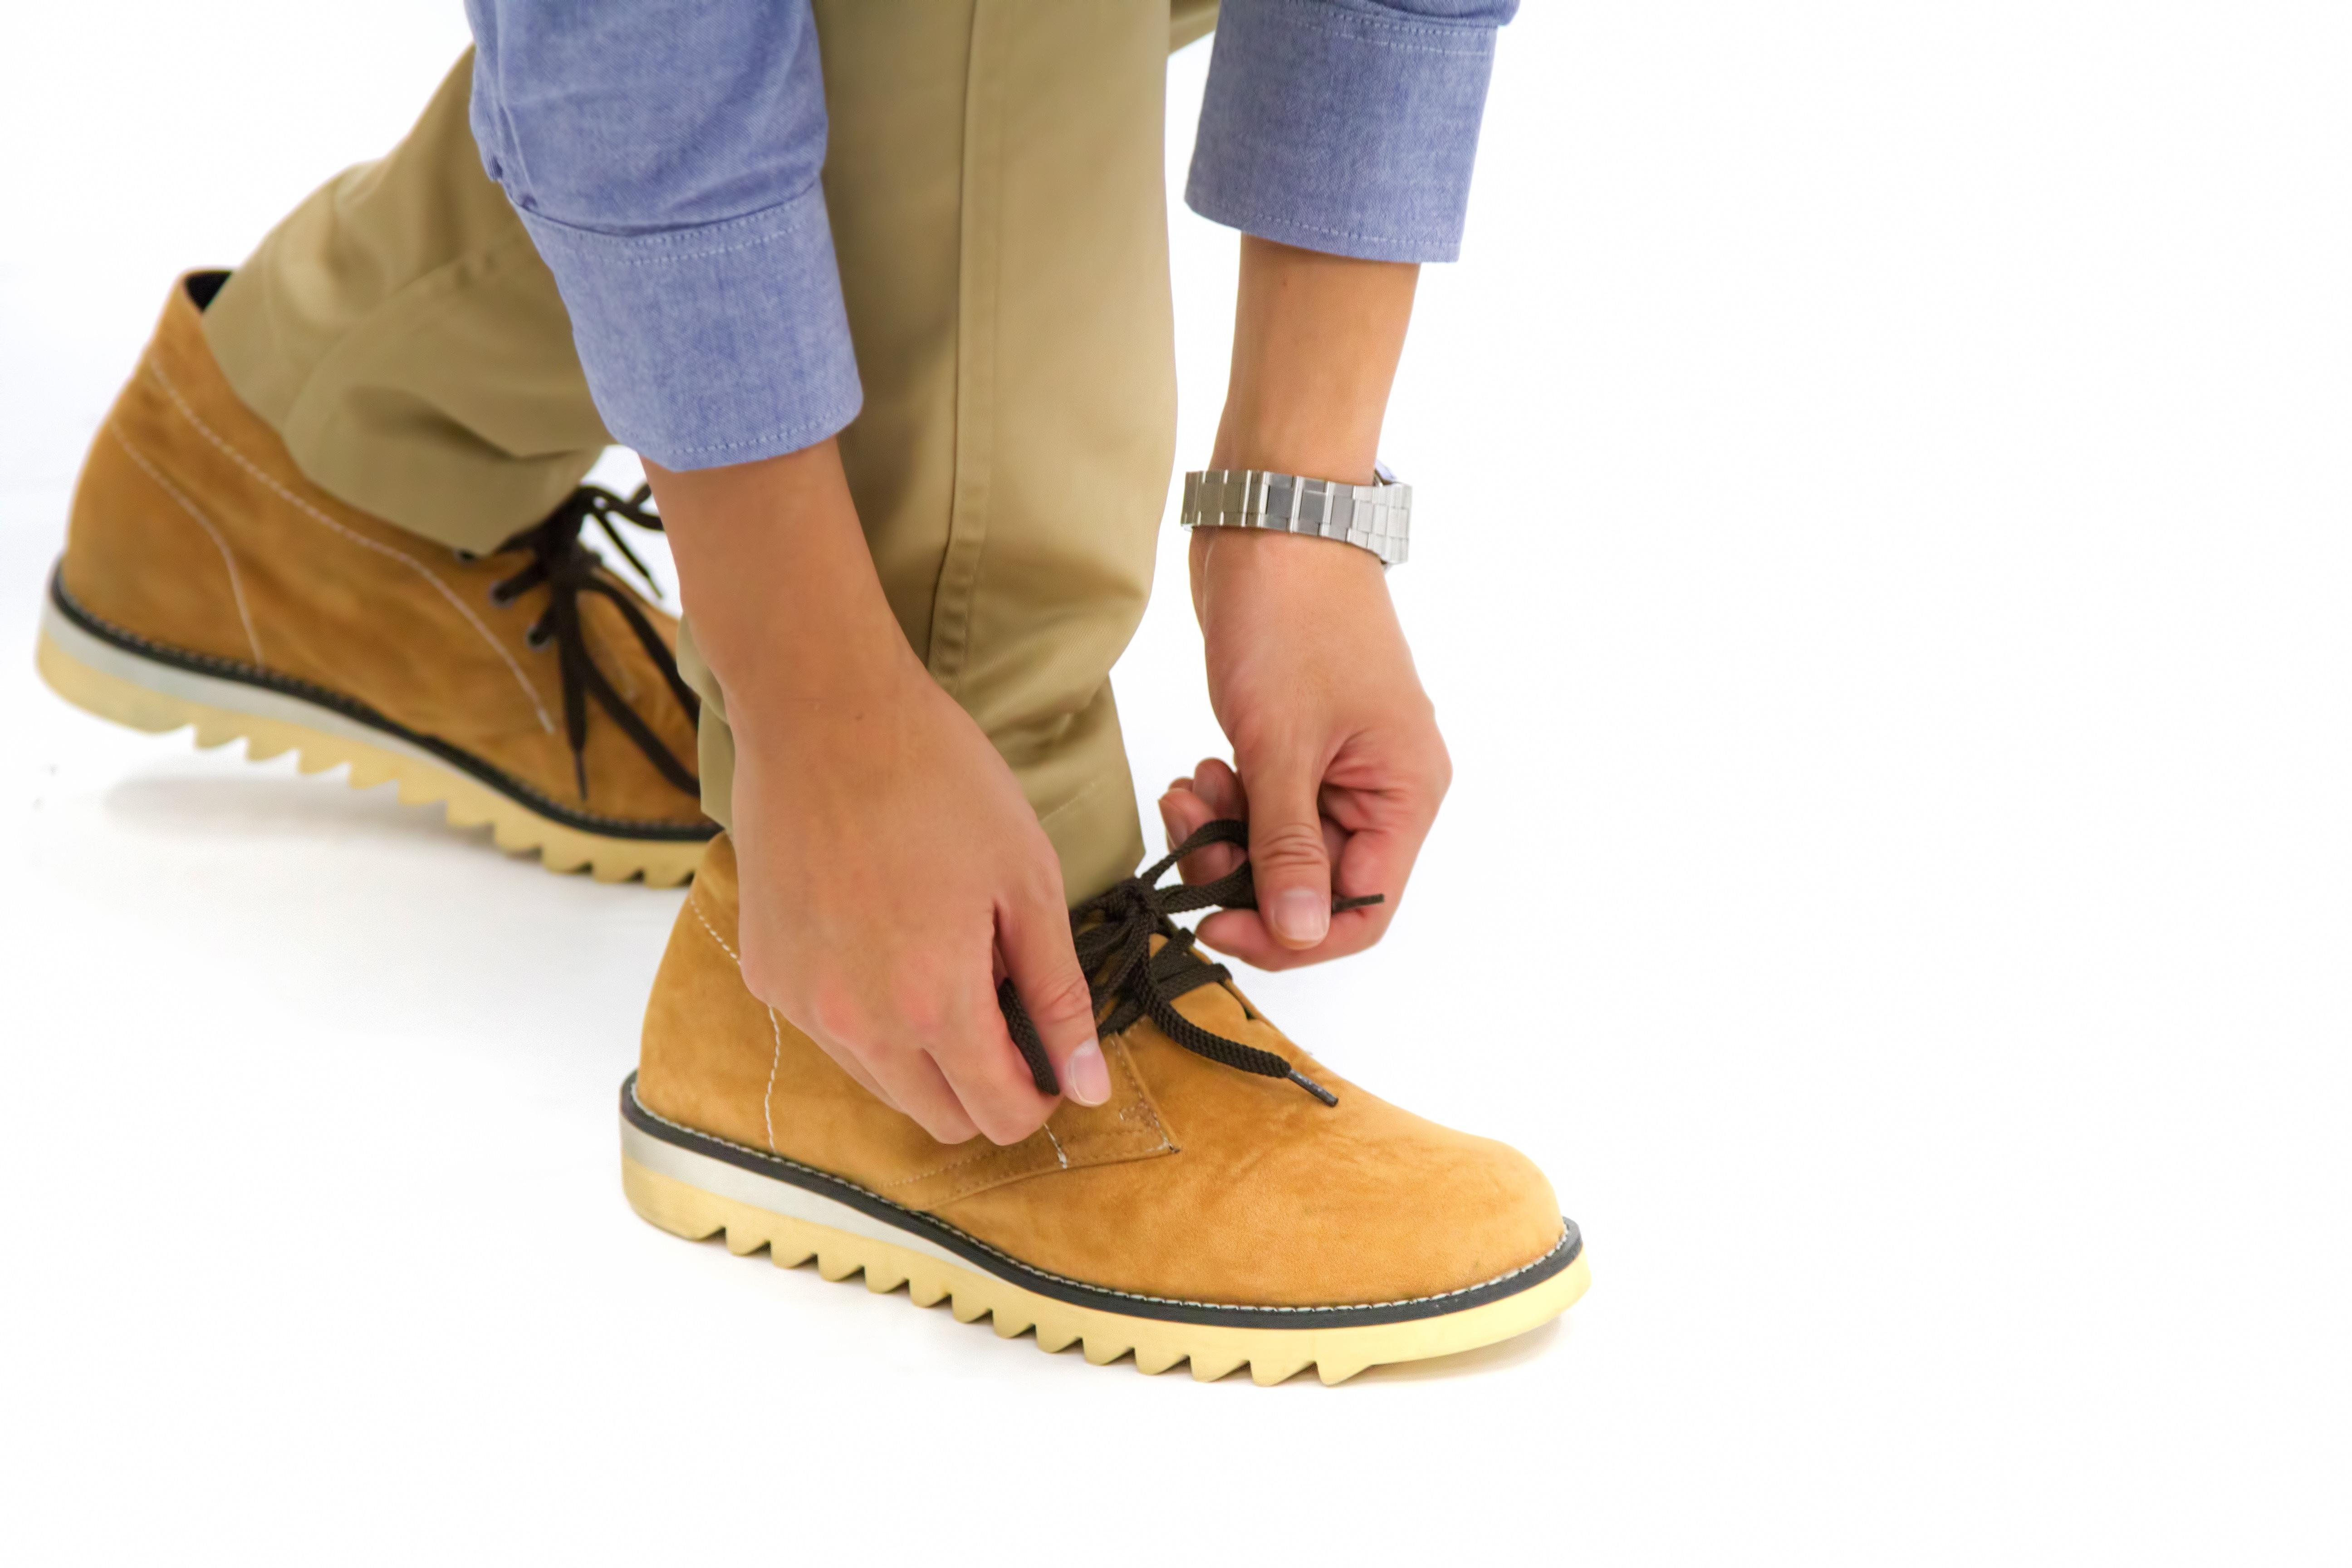 靴試し履き